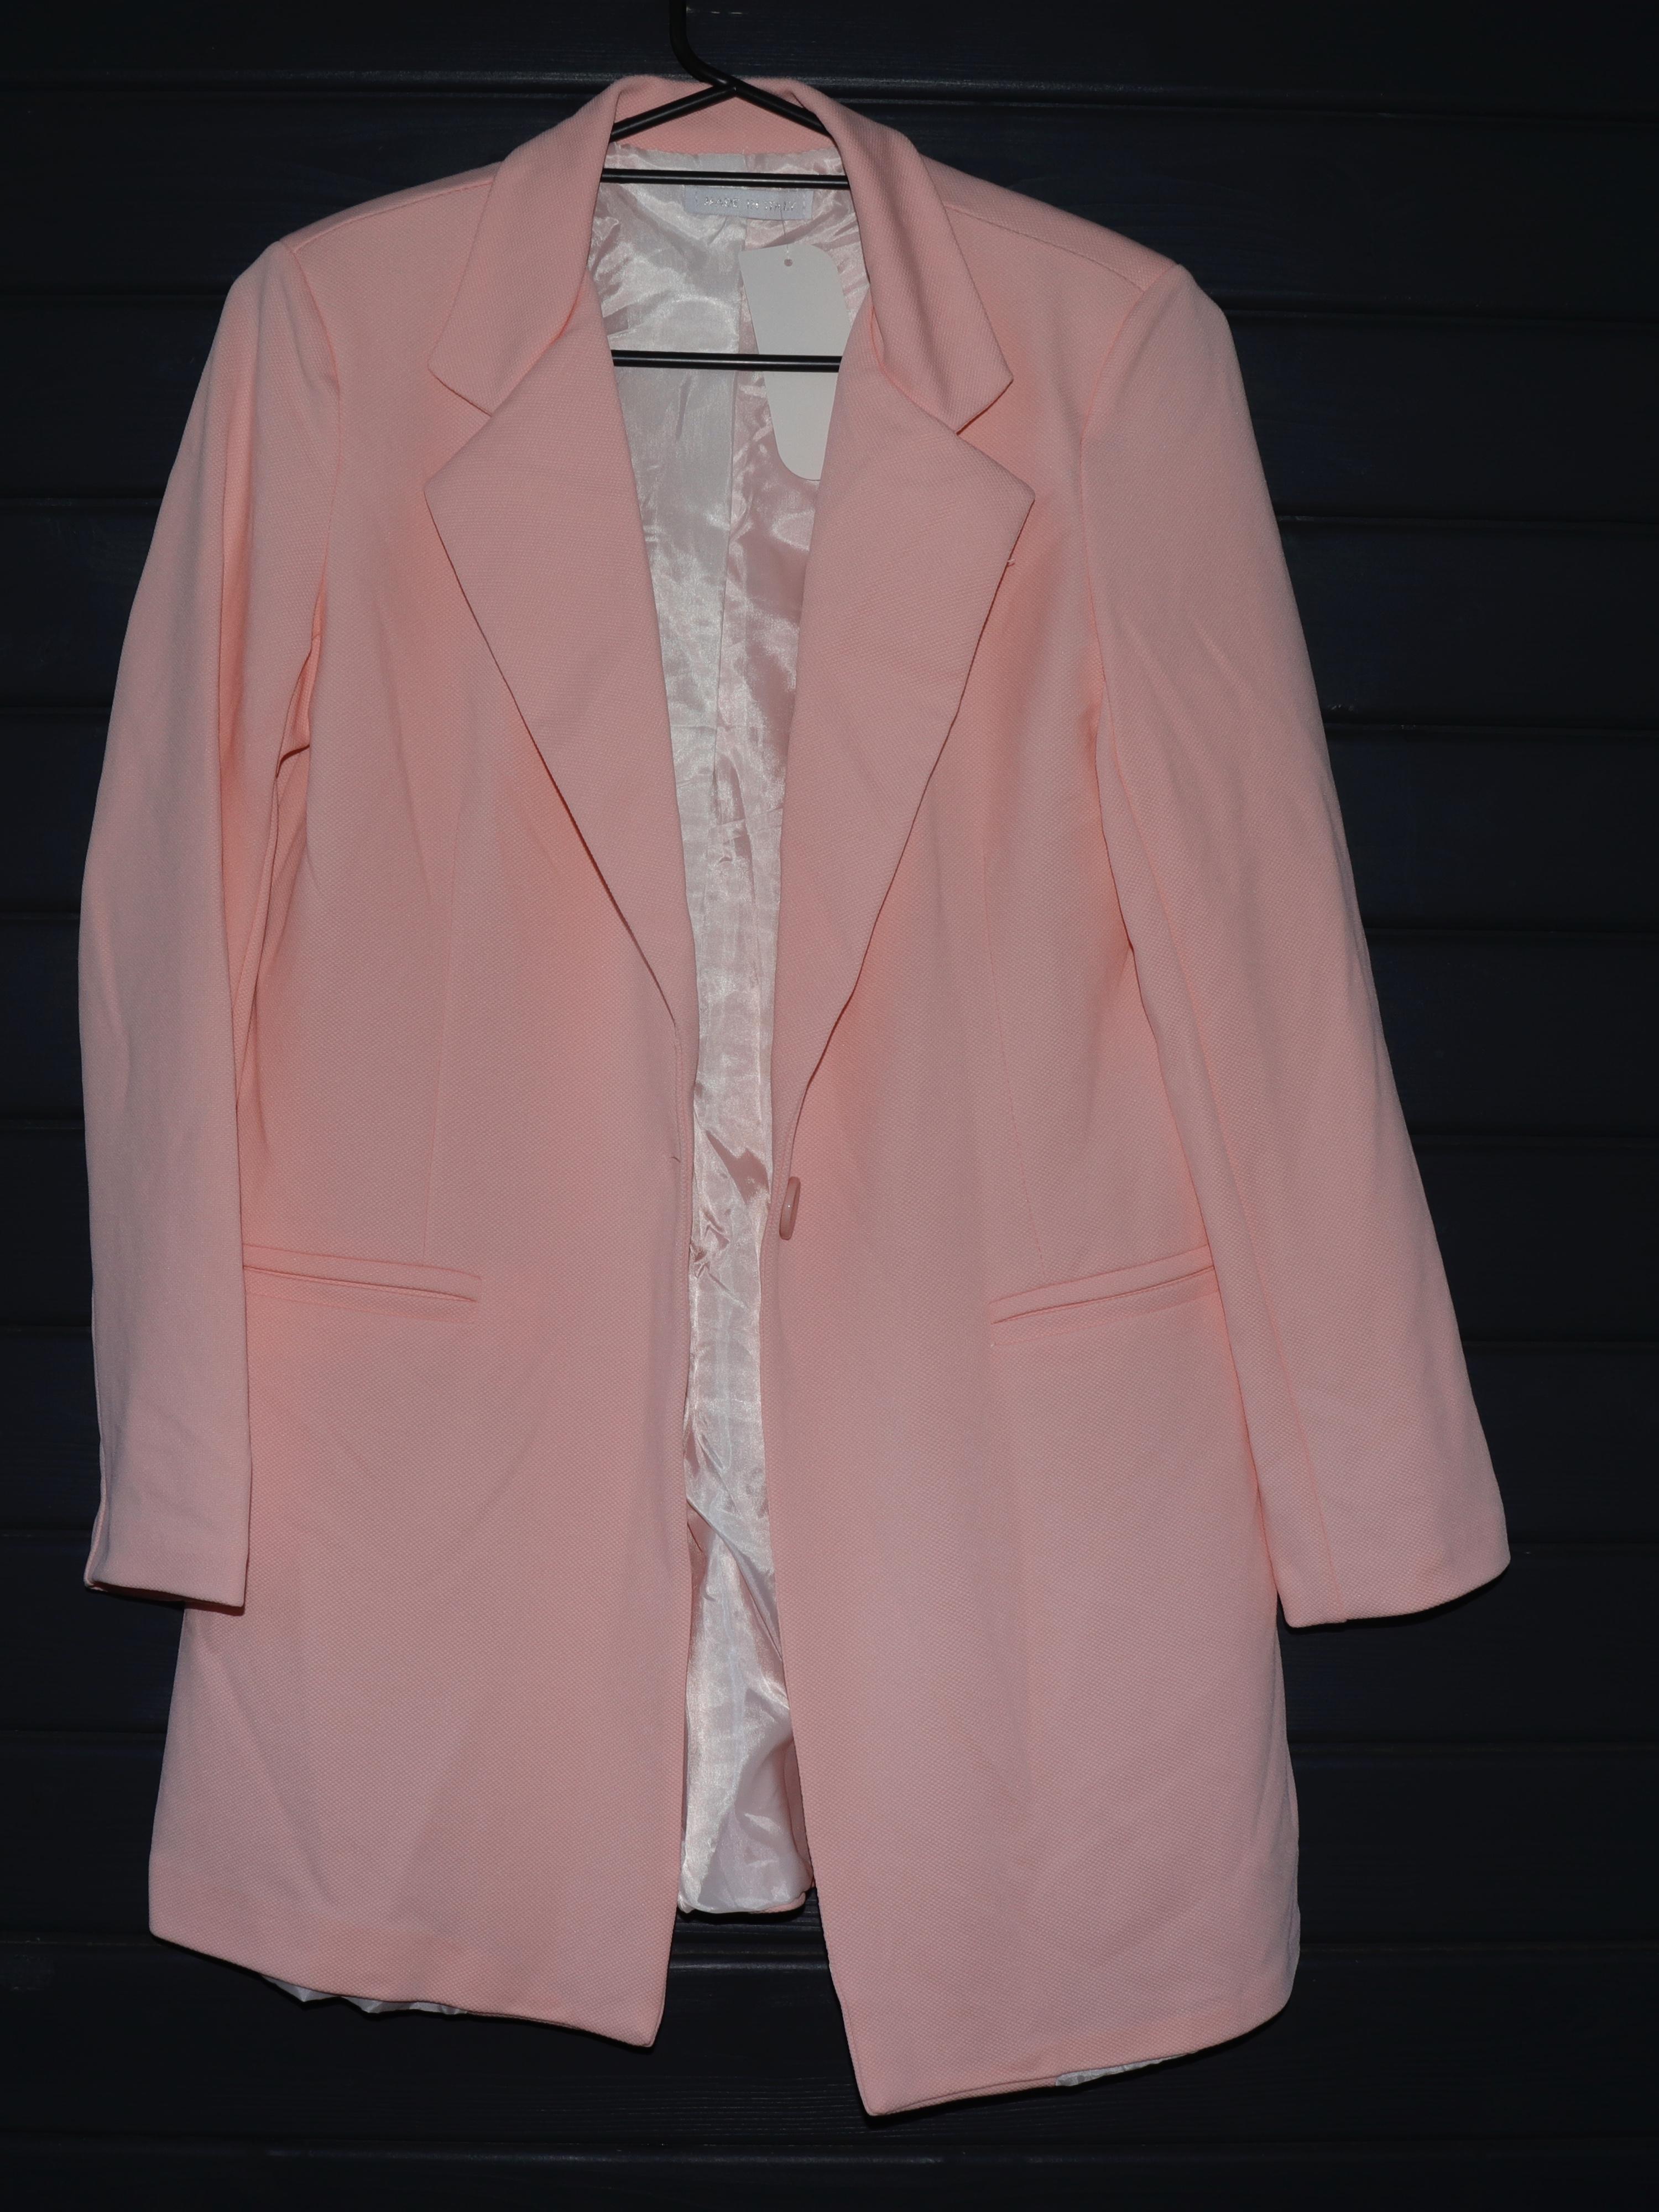 c206a46b Loggie Blazer - Lyserød - Jakker & Cardigans - Clothing By Ros